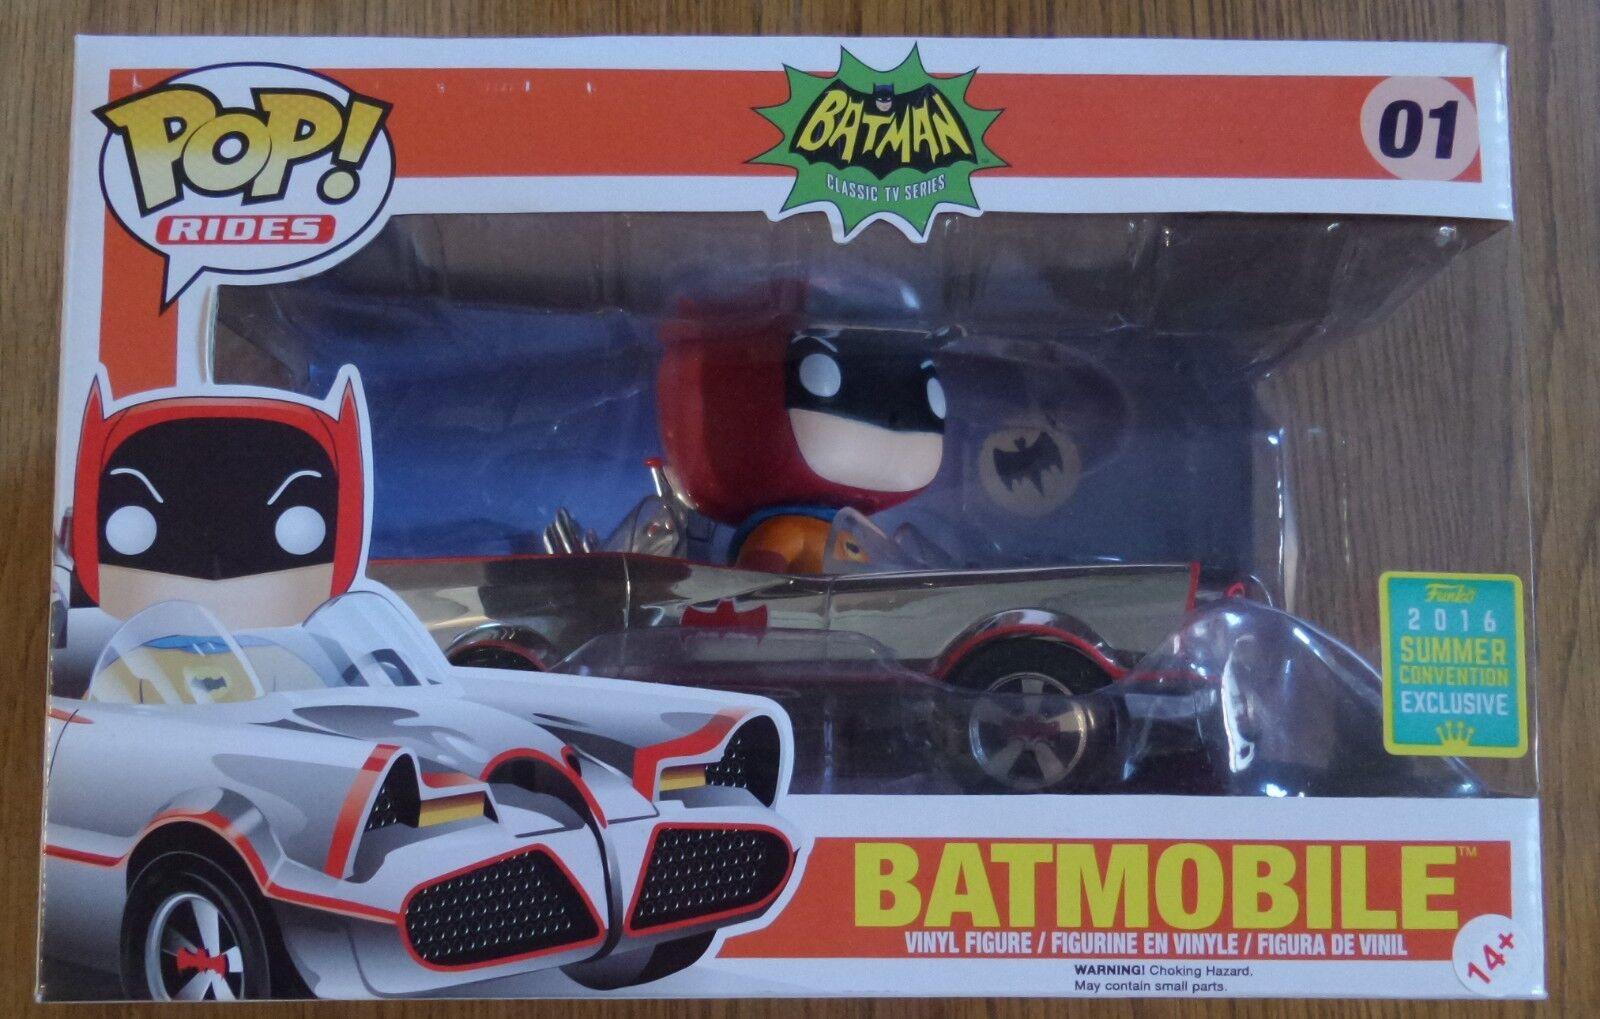 Funko Pop Rides Batman Chrome Batmobile 01 SDCC 2016 Summer Convention Exclusive